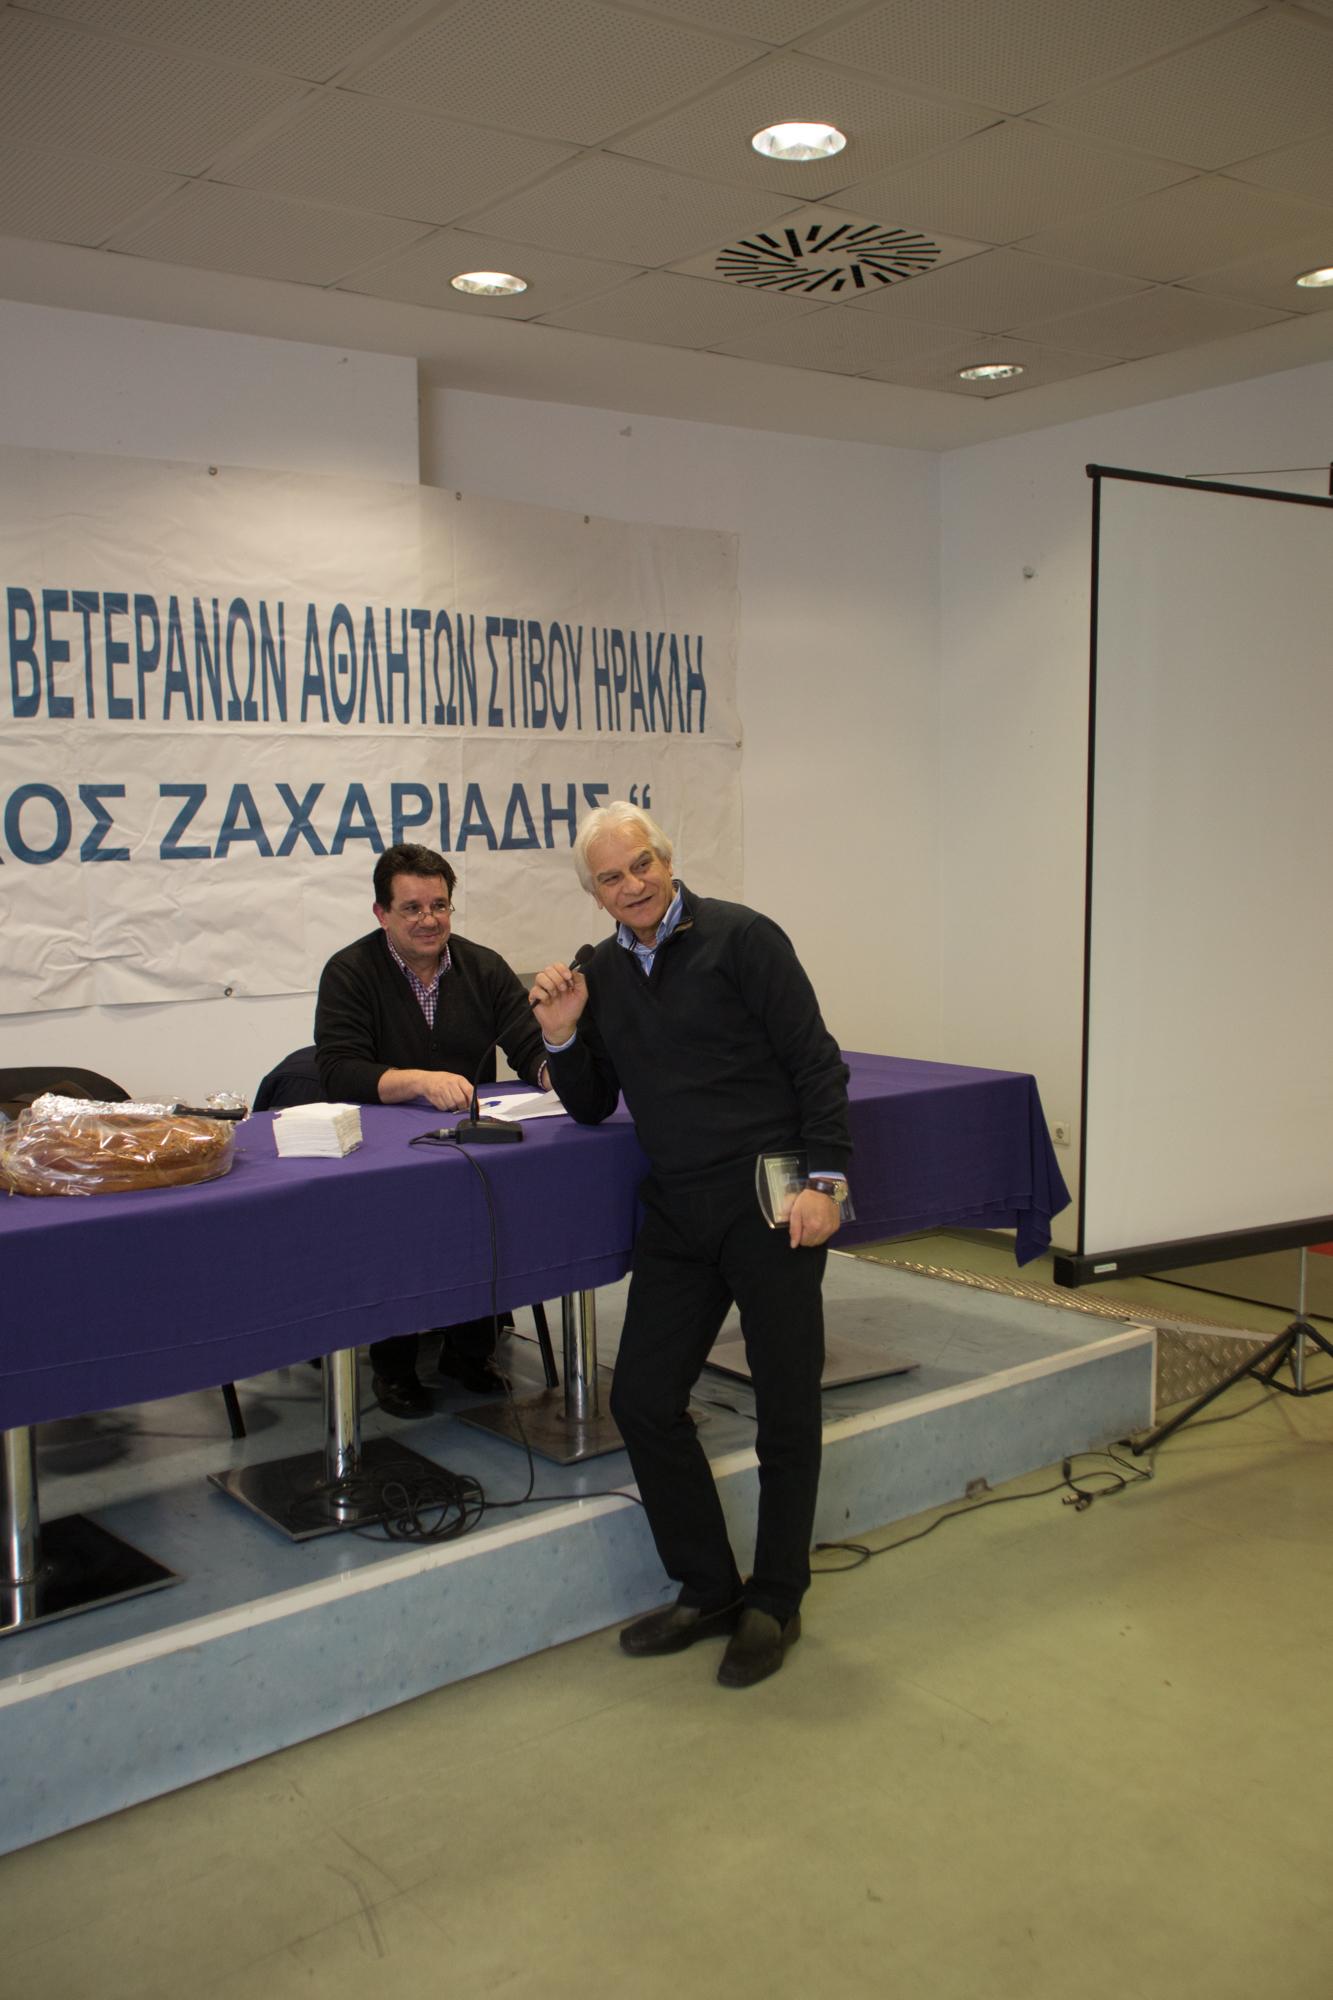 Βαλσαμίδης Βασίλης με τον αντιπρόεδρο του ΣΒΕΣΗ Δημ.Χασανίδη